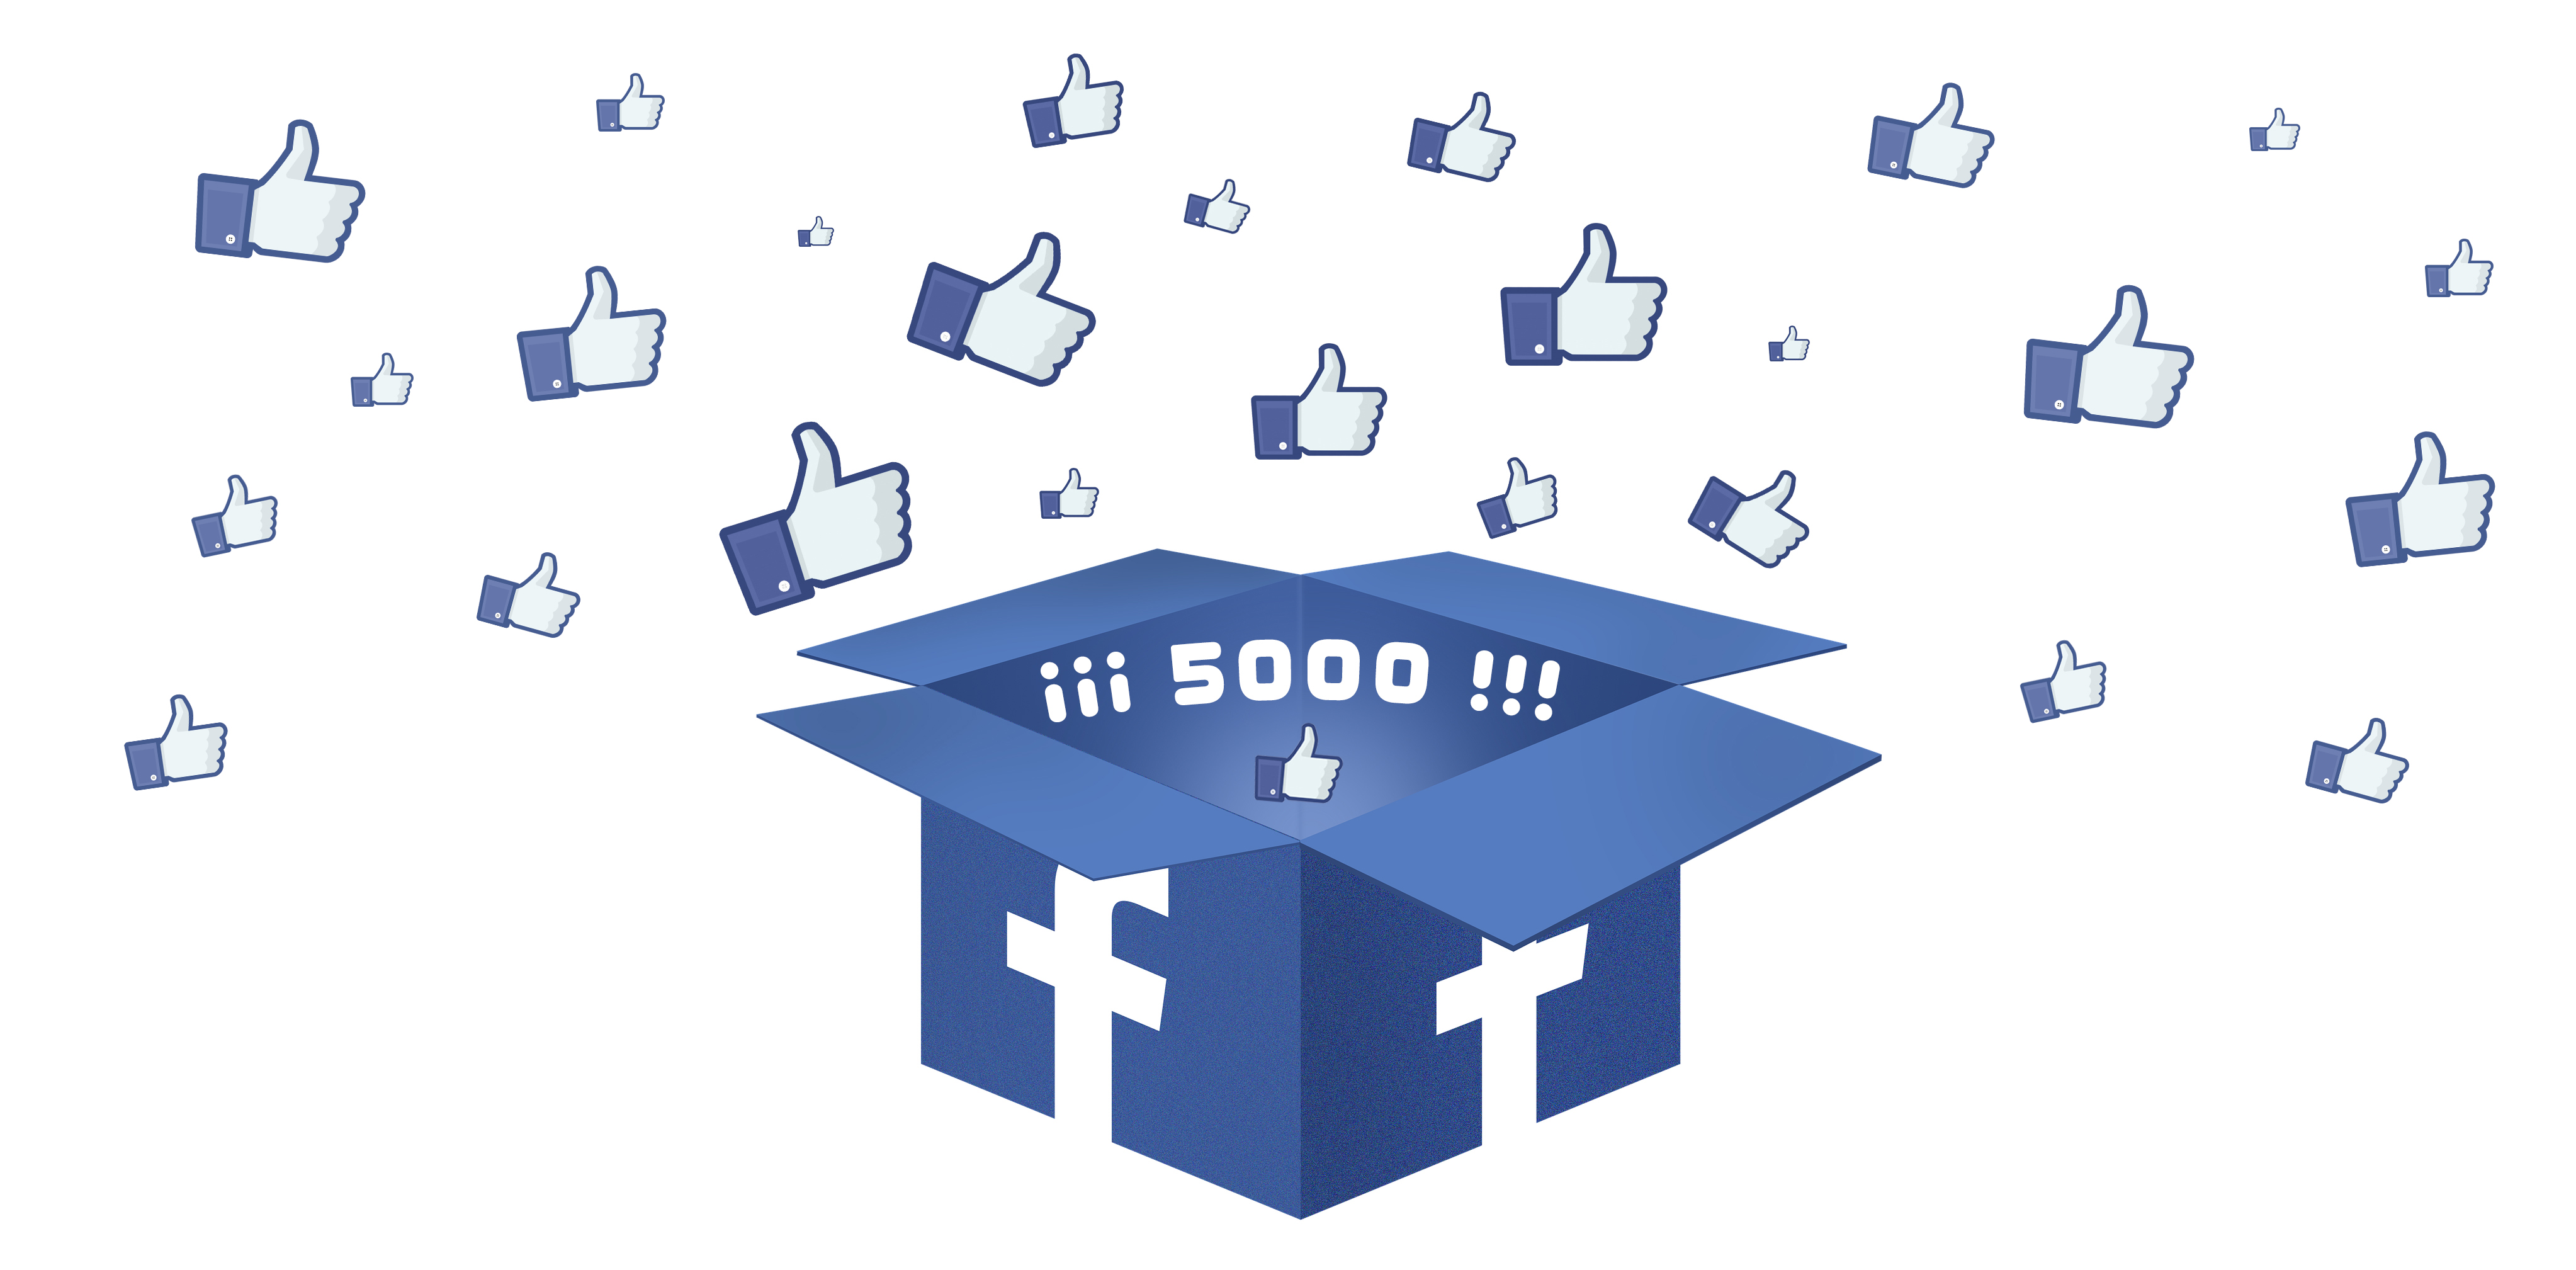 Femepa supera los 5000 seguidores en Facebook